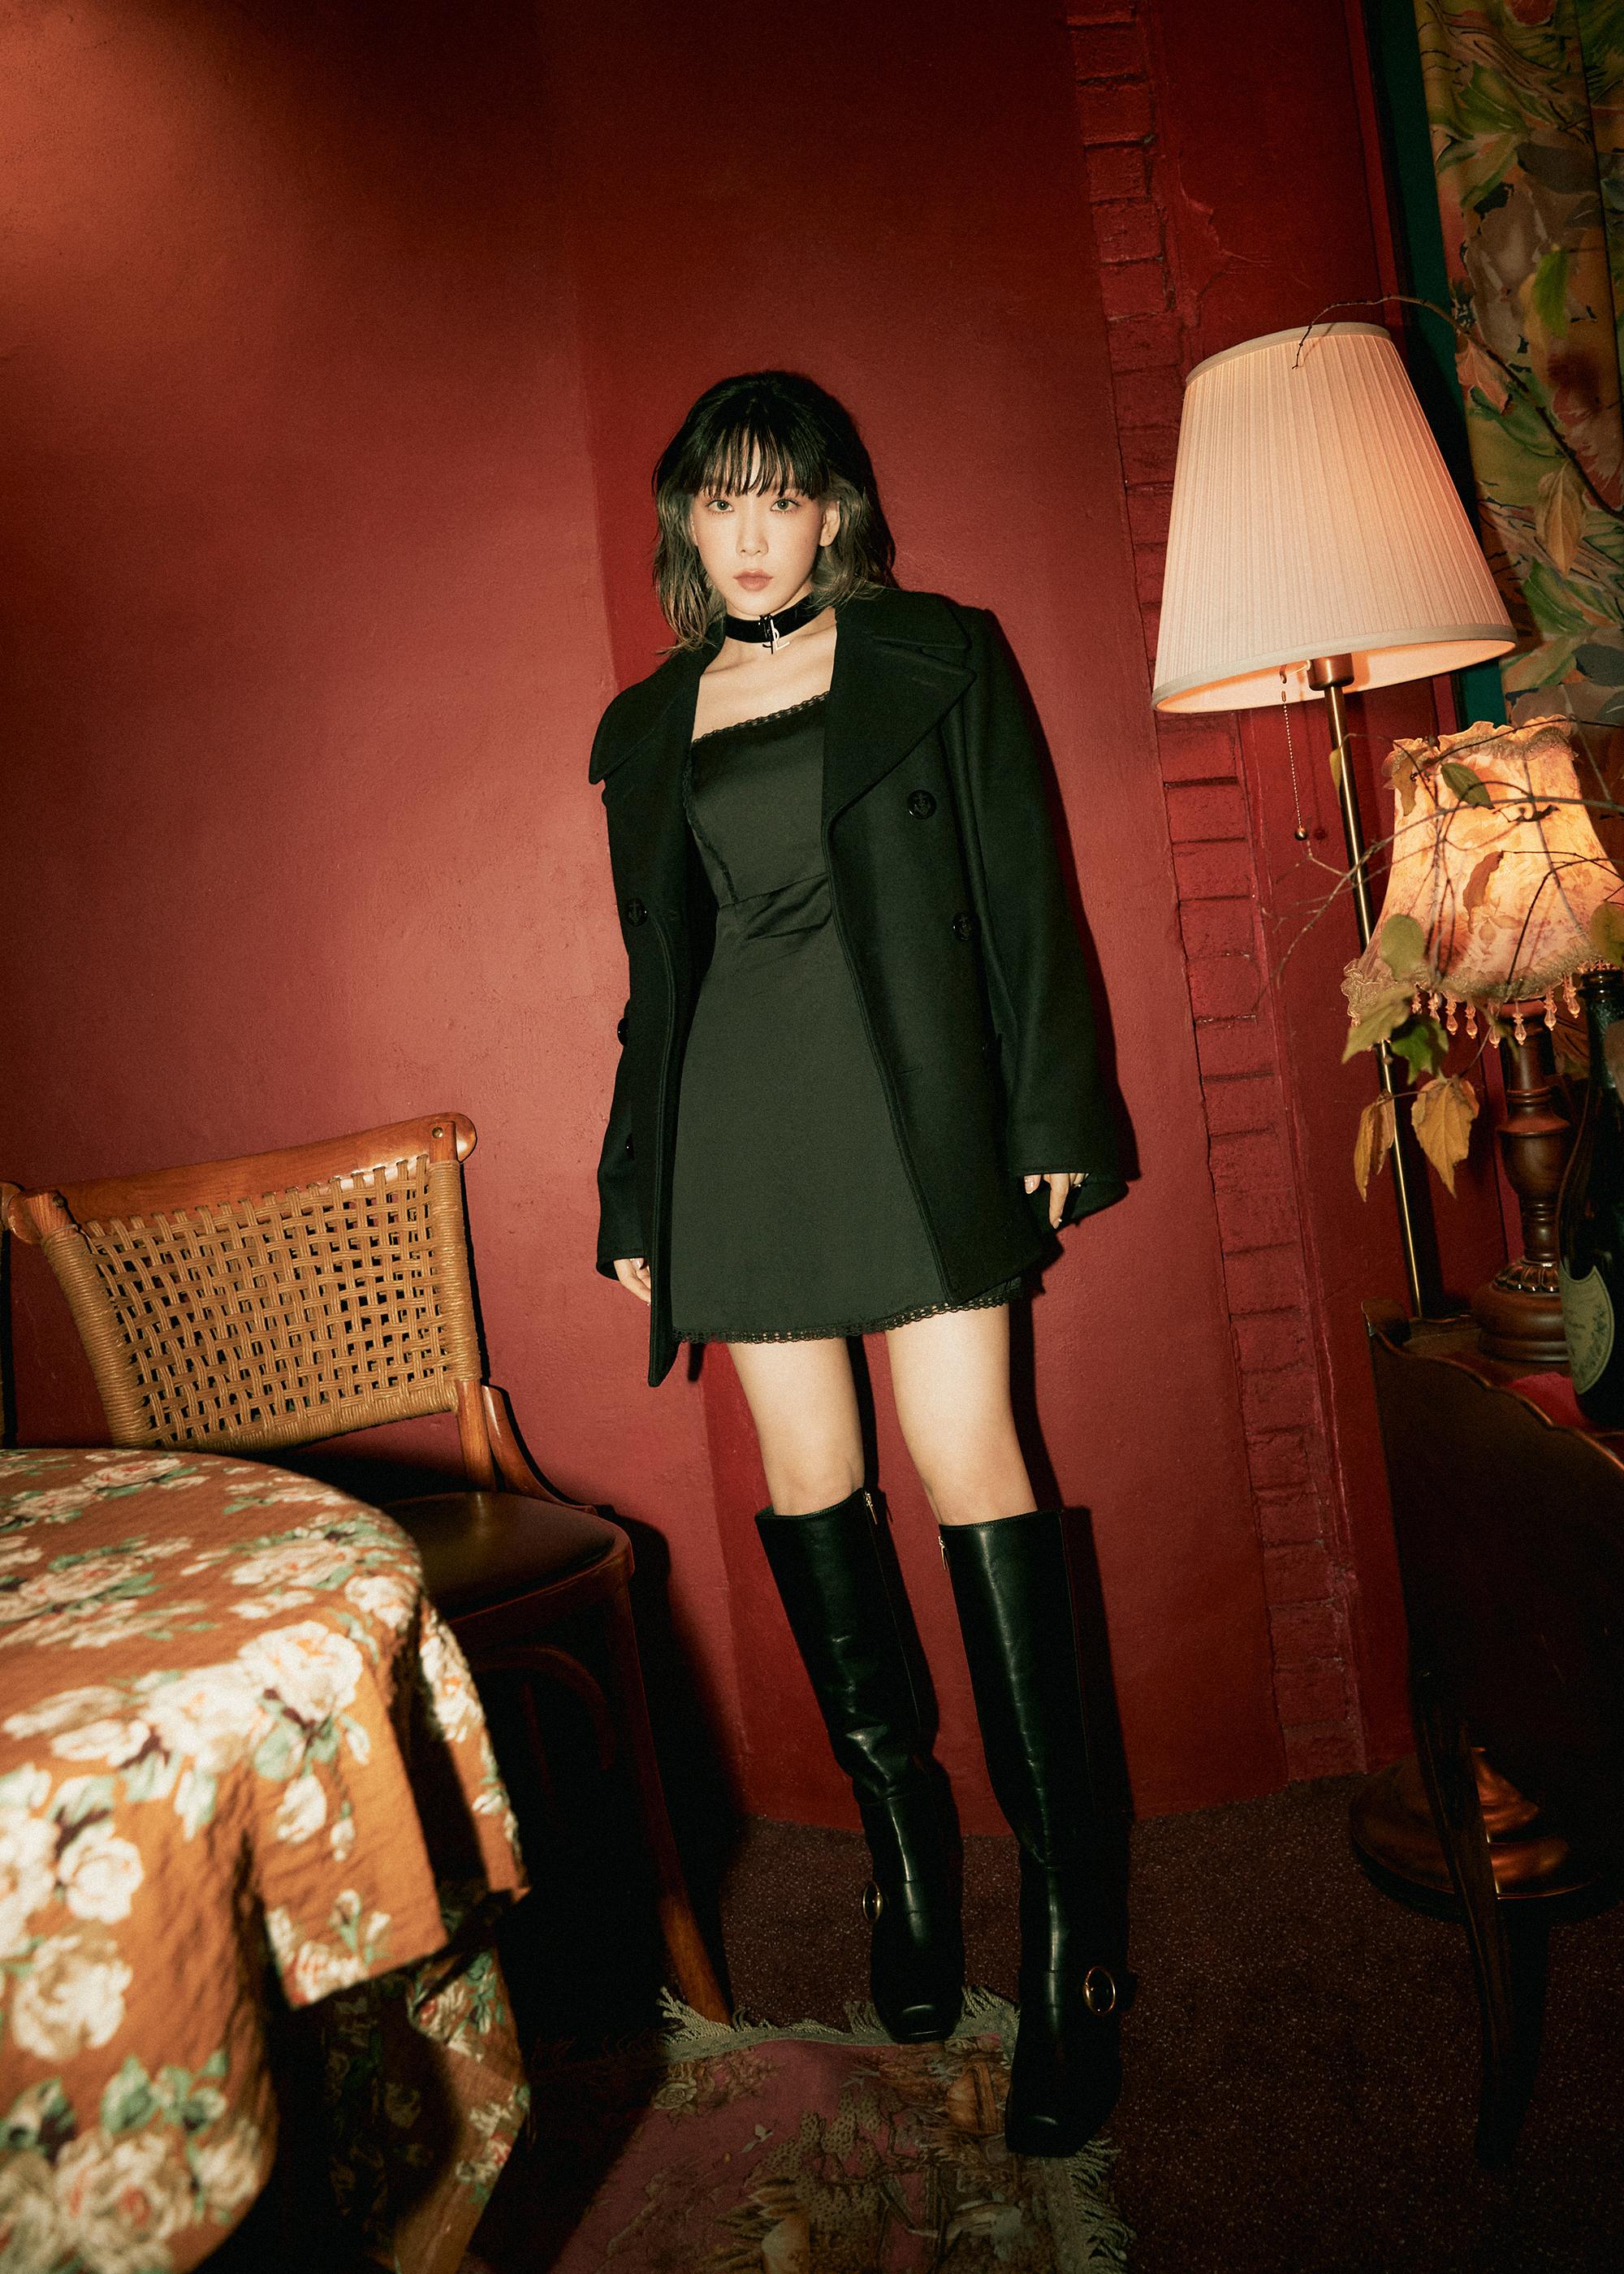 Phỏng vấn độc quyền Taeyeon: Bí quyết chữa lành tâm hồn và cơ hội của thế hệ idol mới - ảnh 3